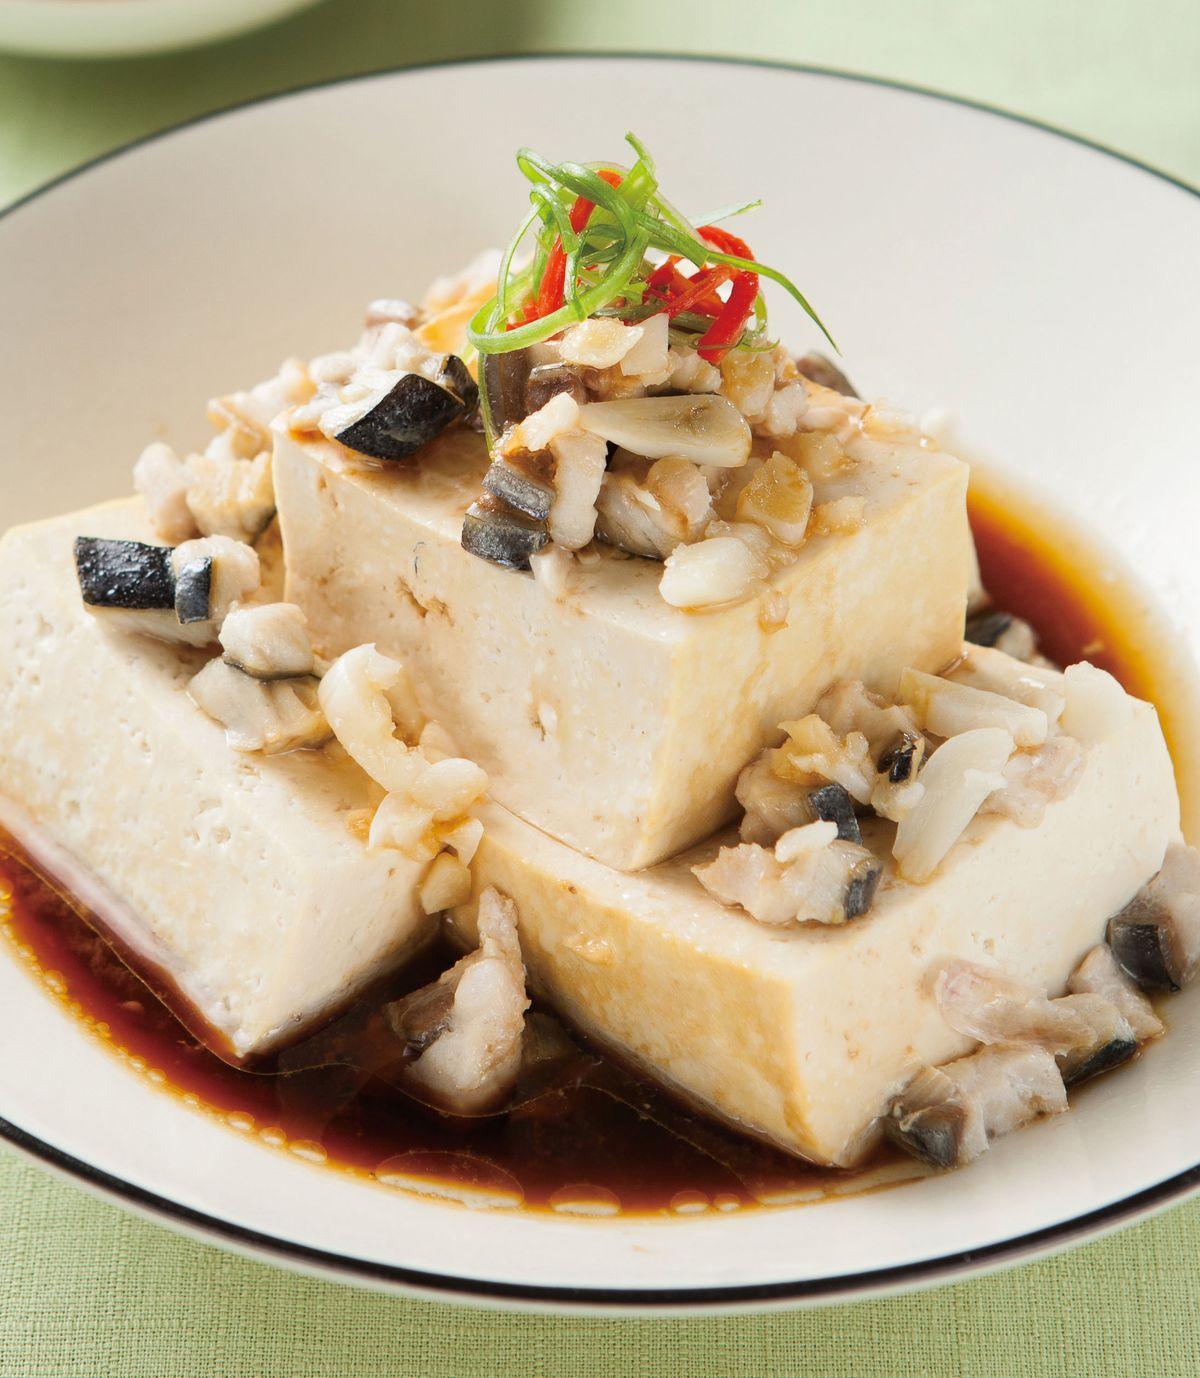 食譜:鹹魚豆腐